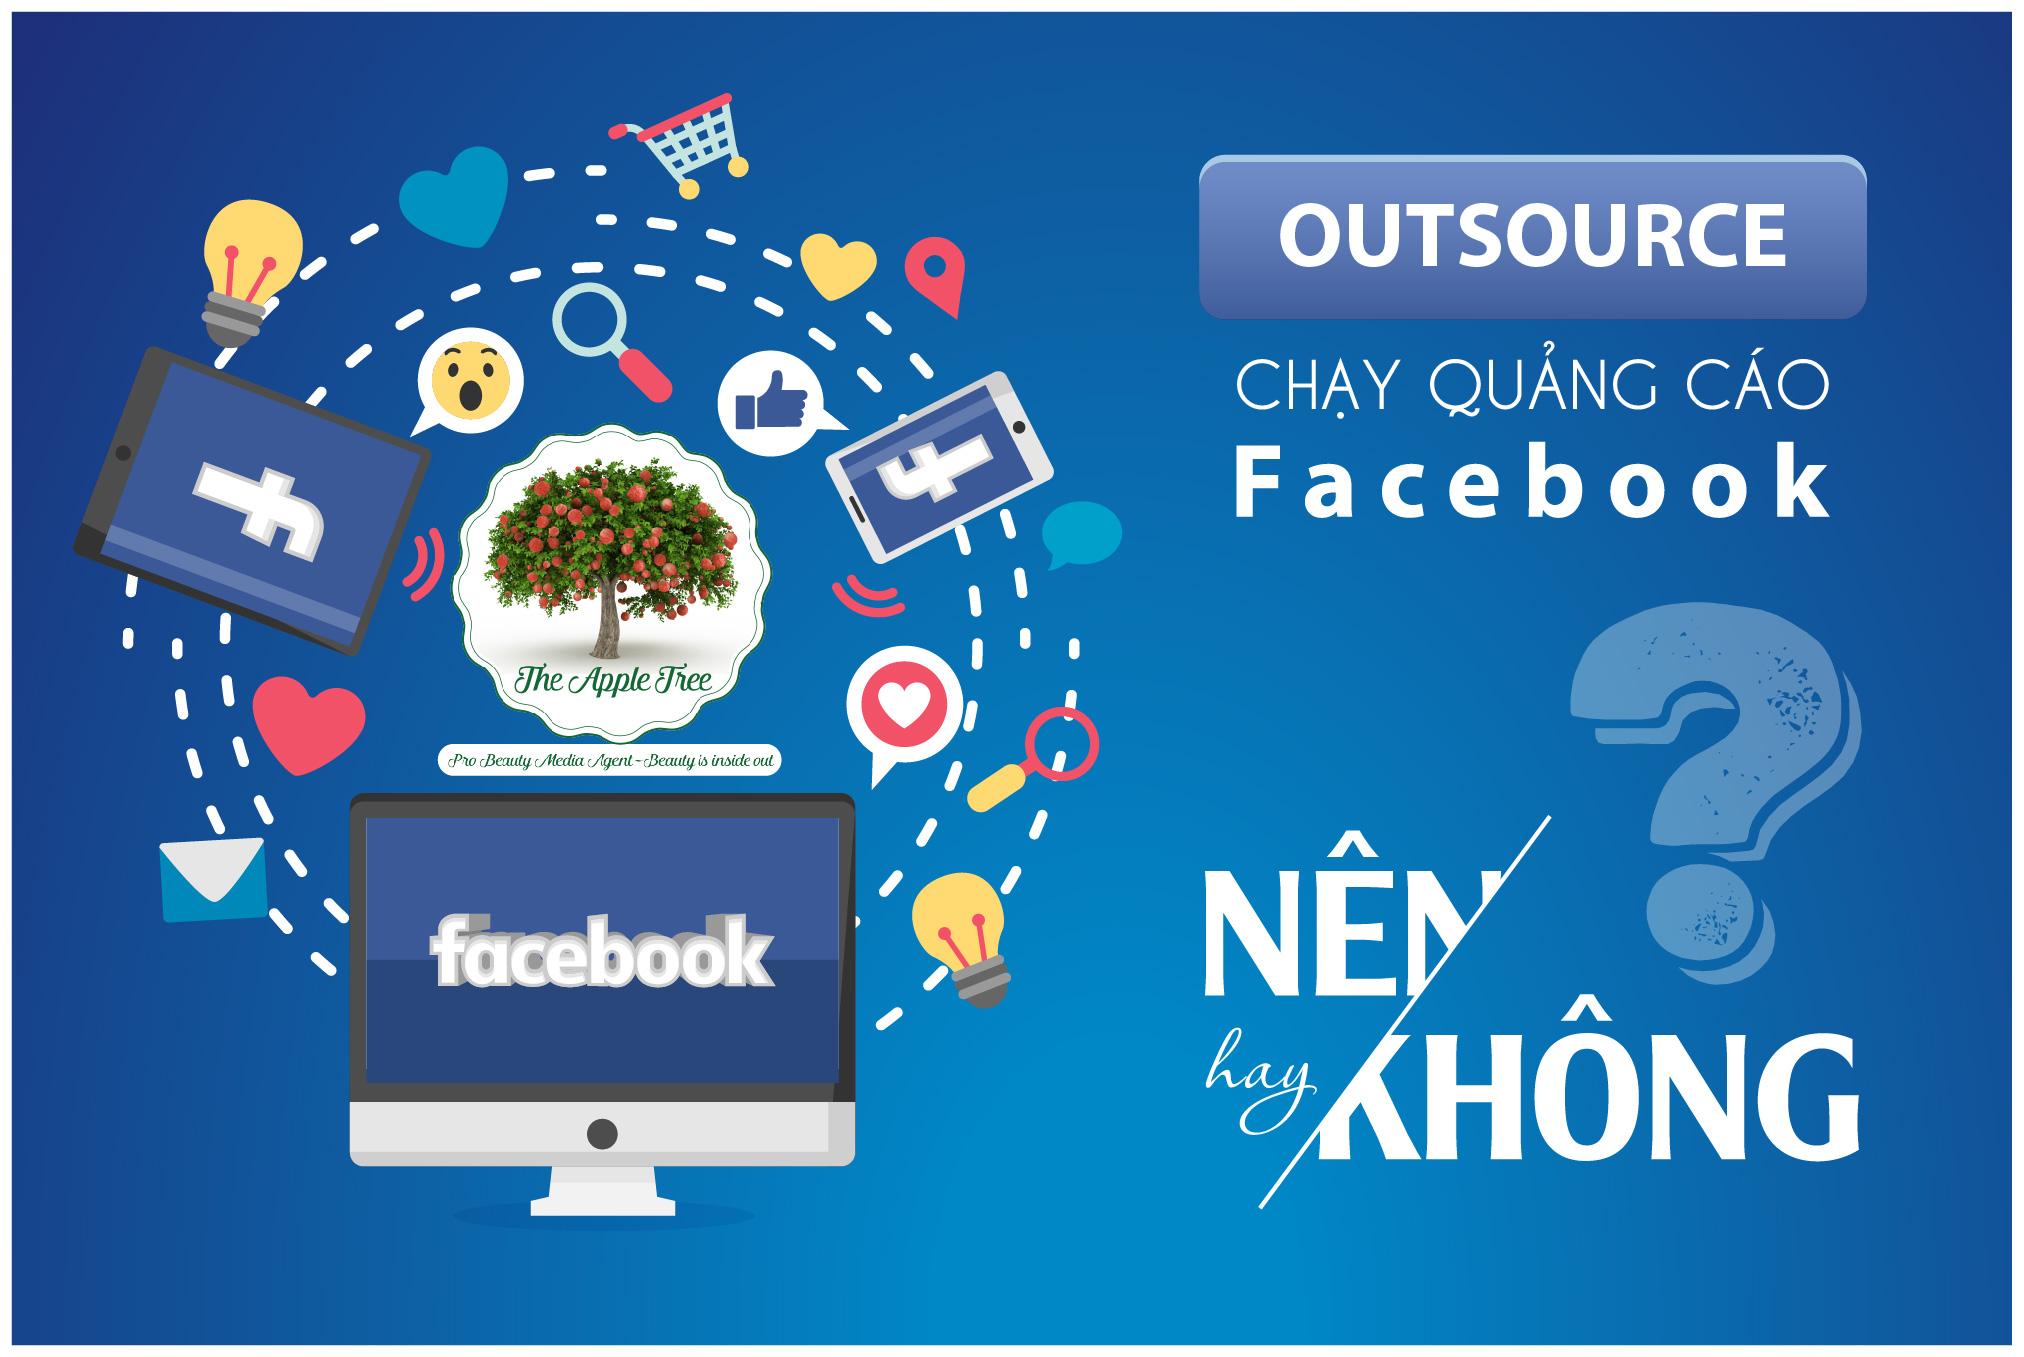 Có nên chạy quảng cáo Facebook trên thị trường cạnh tranh như hiện nay?